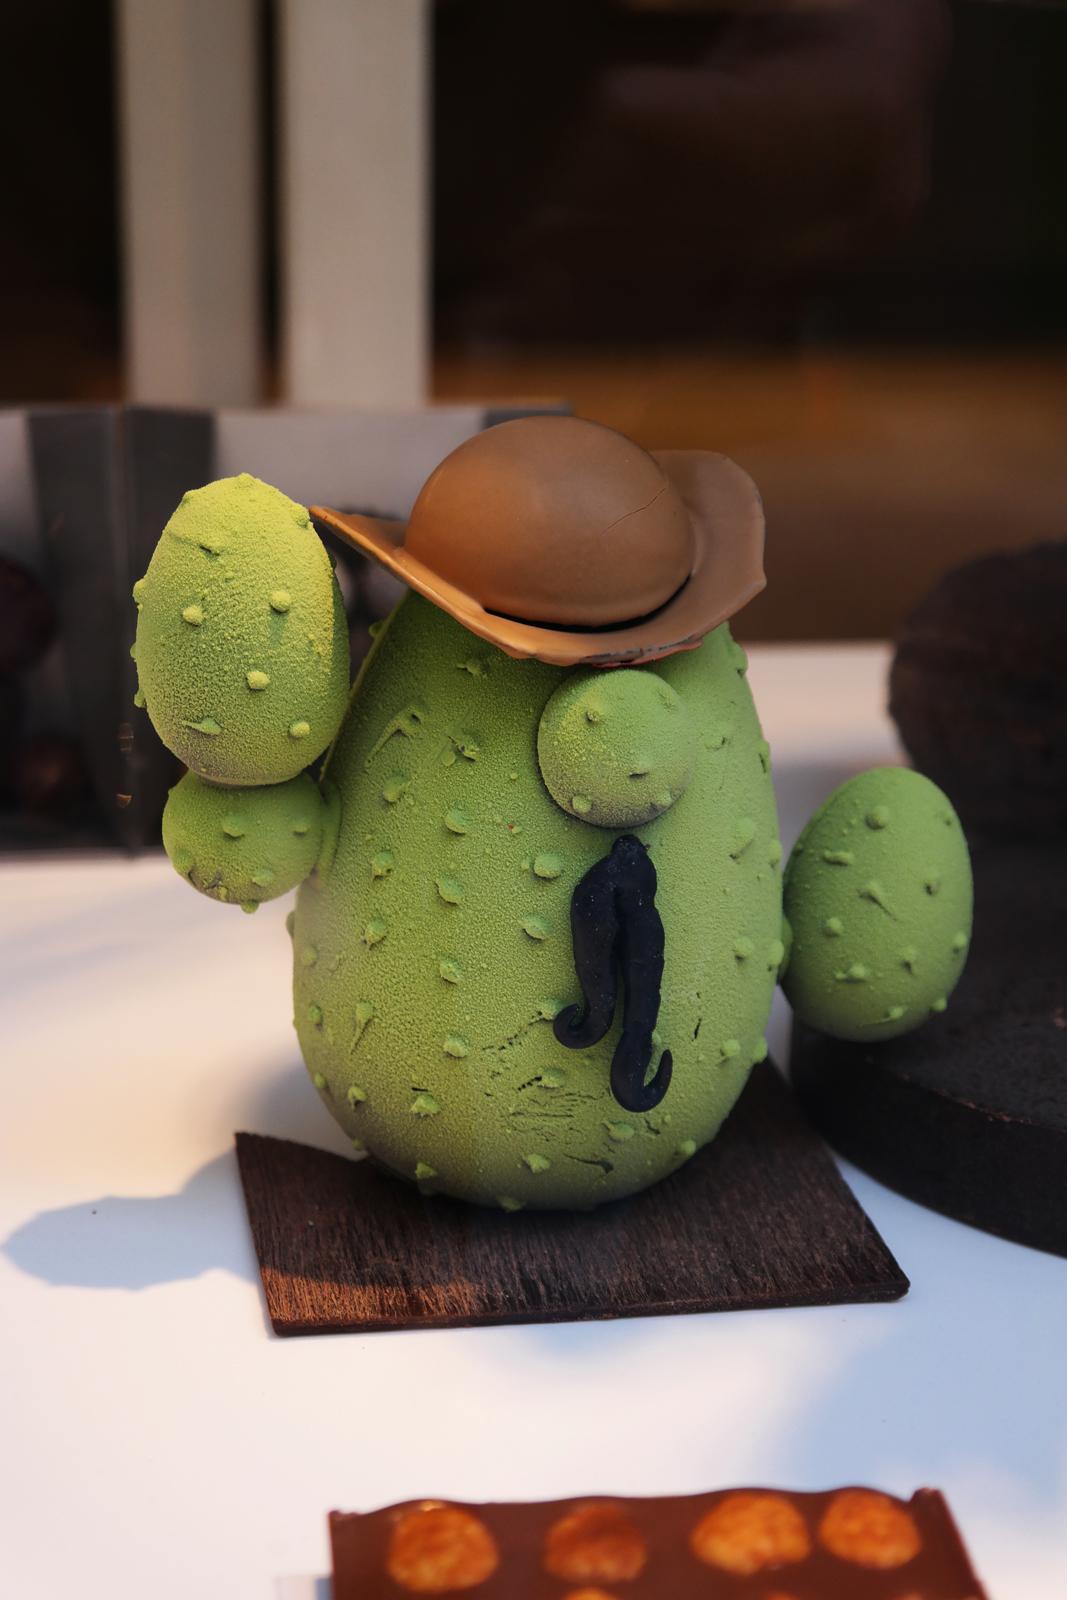 Oeuf de Pâques Cactus de Matthieu Bijou chocolaterie patisserie paris Le Raincy thème voyage du chocolat Mexique praliné citron vert maïs grillé création originale photo usofparis blog